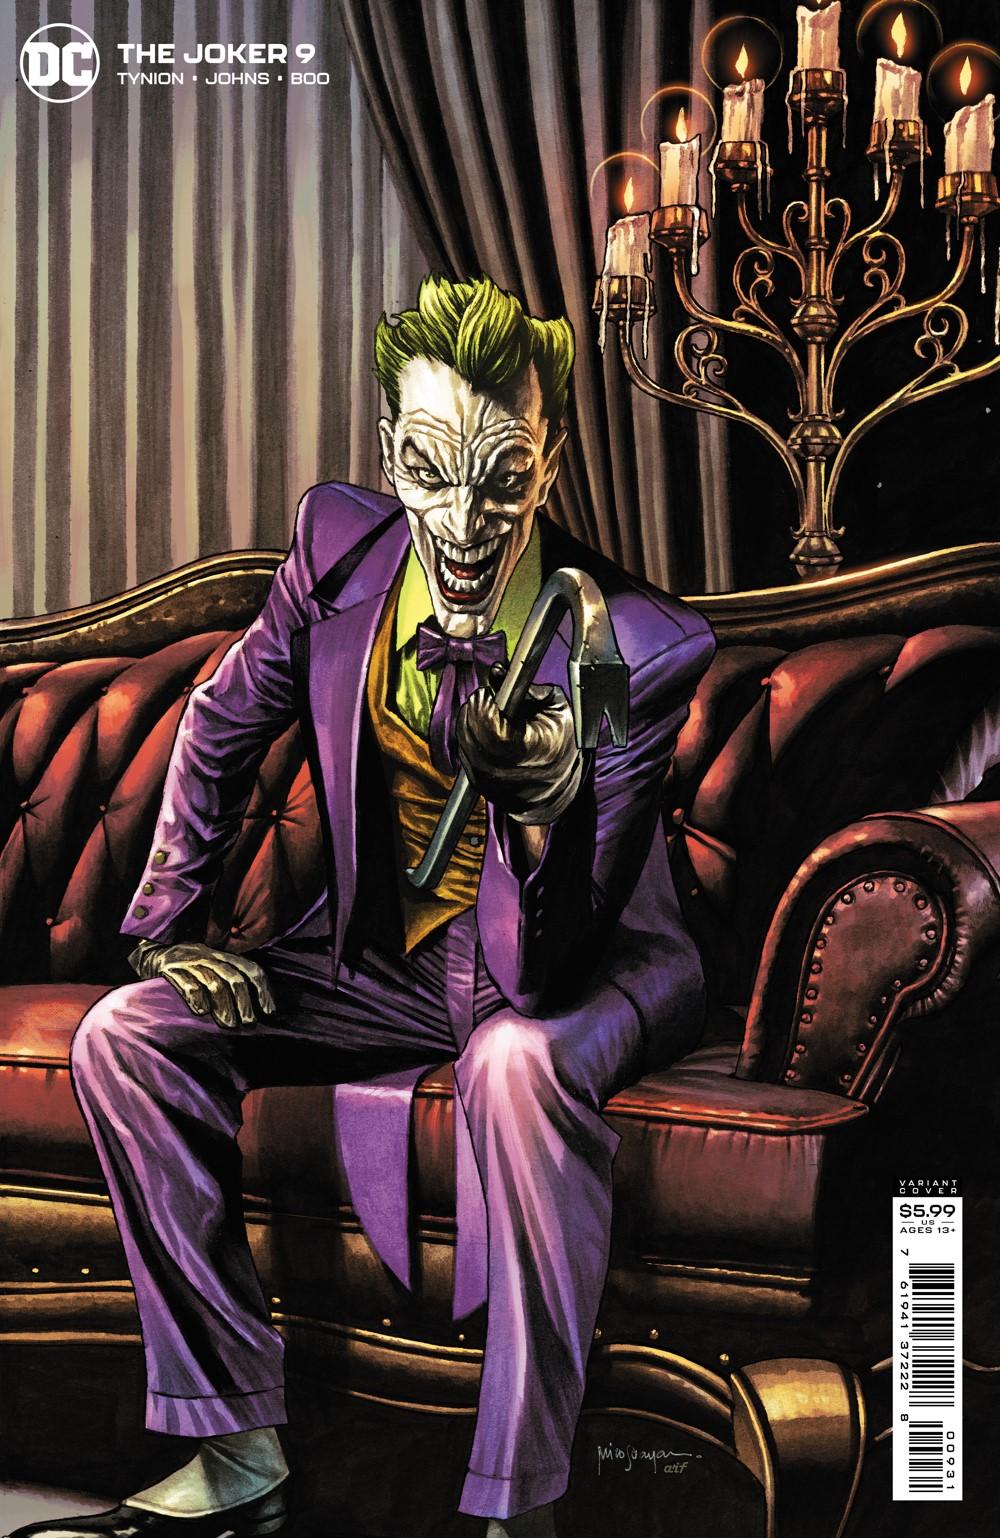 JKR_Cv9_var_00931 DC Comics November 2021 Solicitations